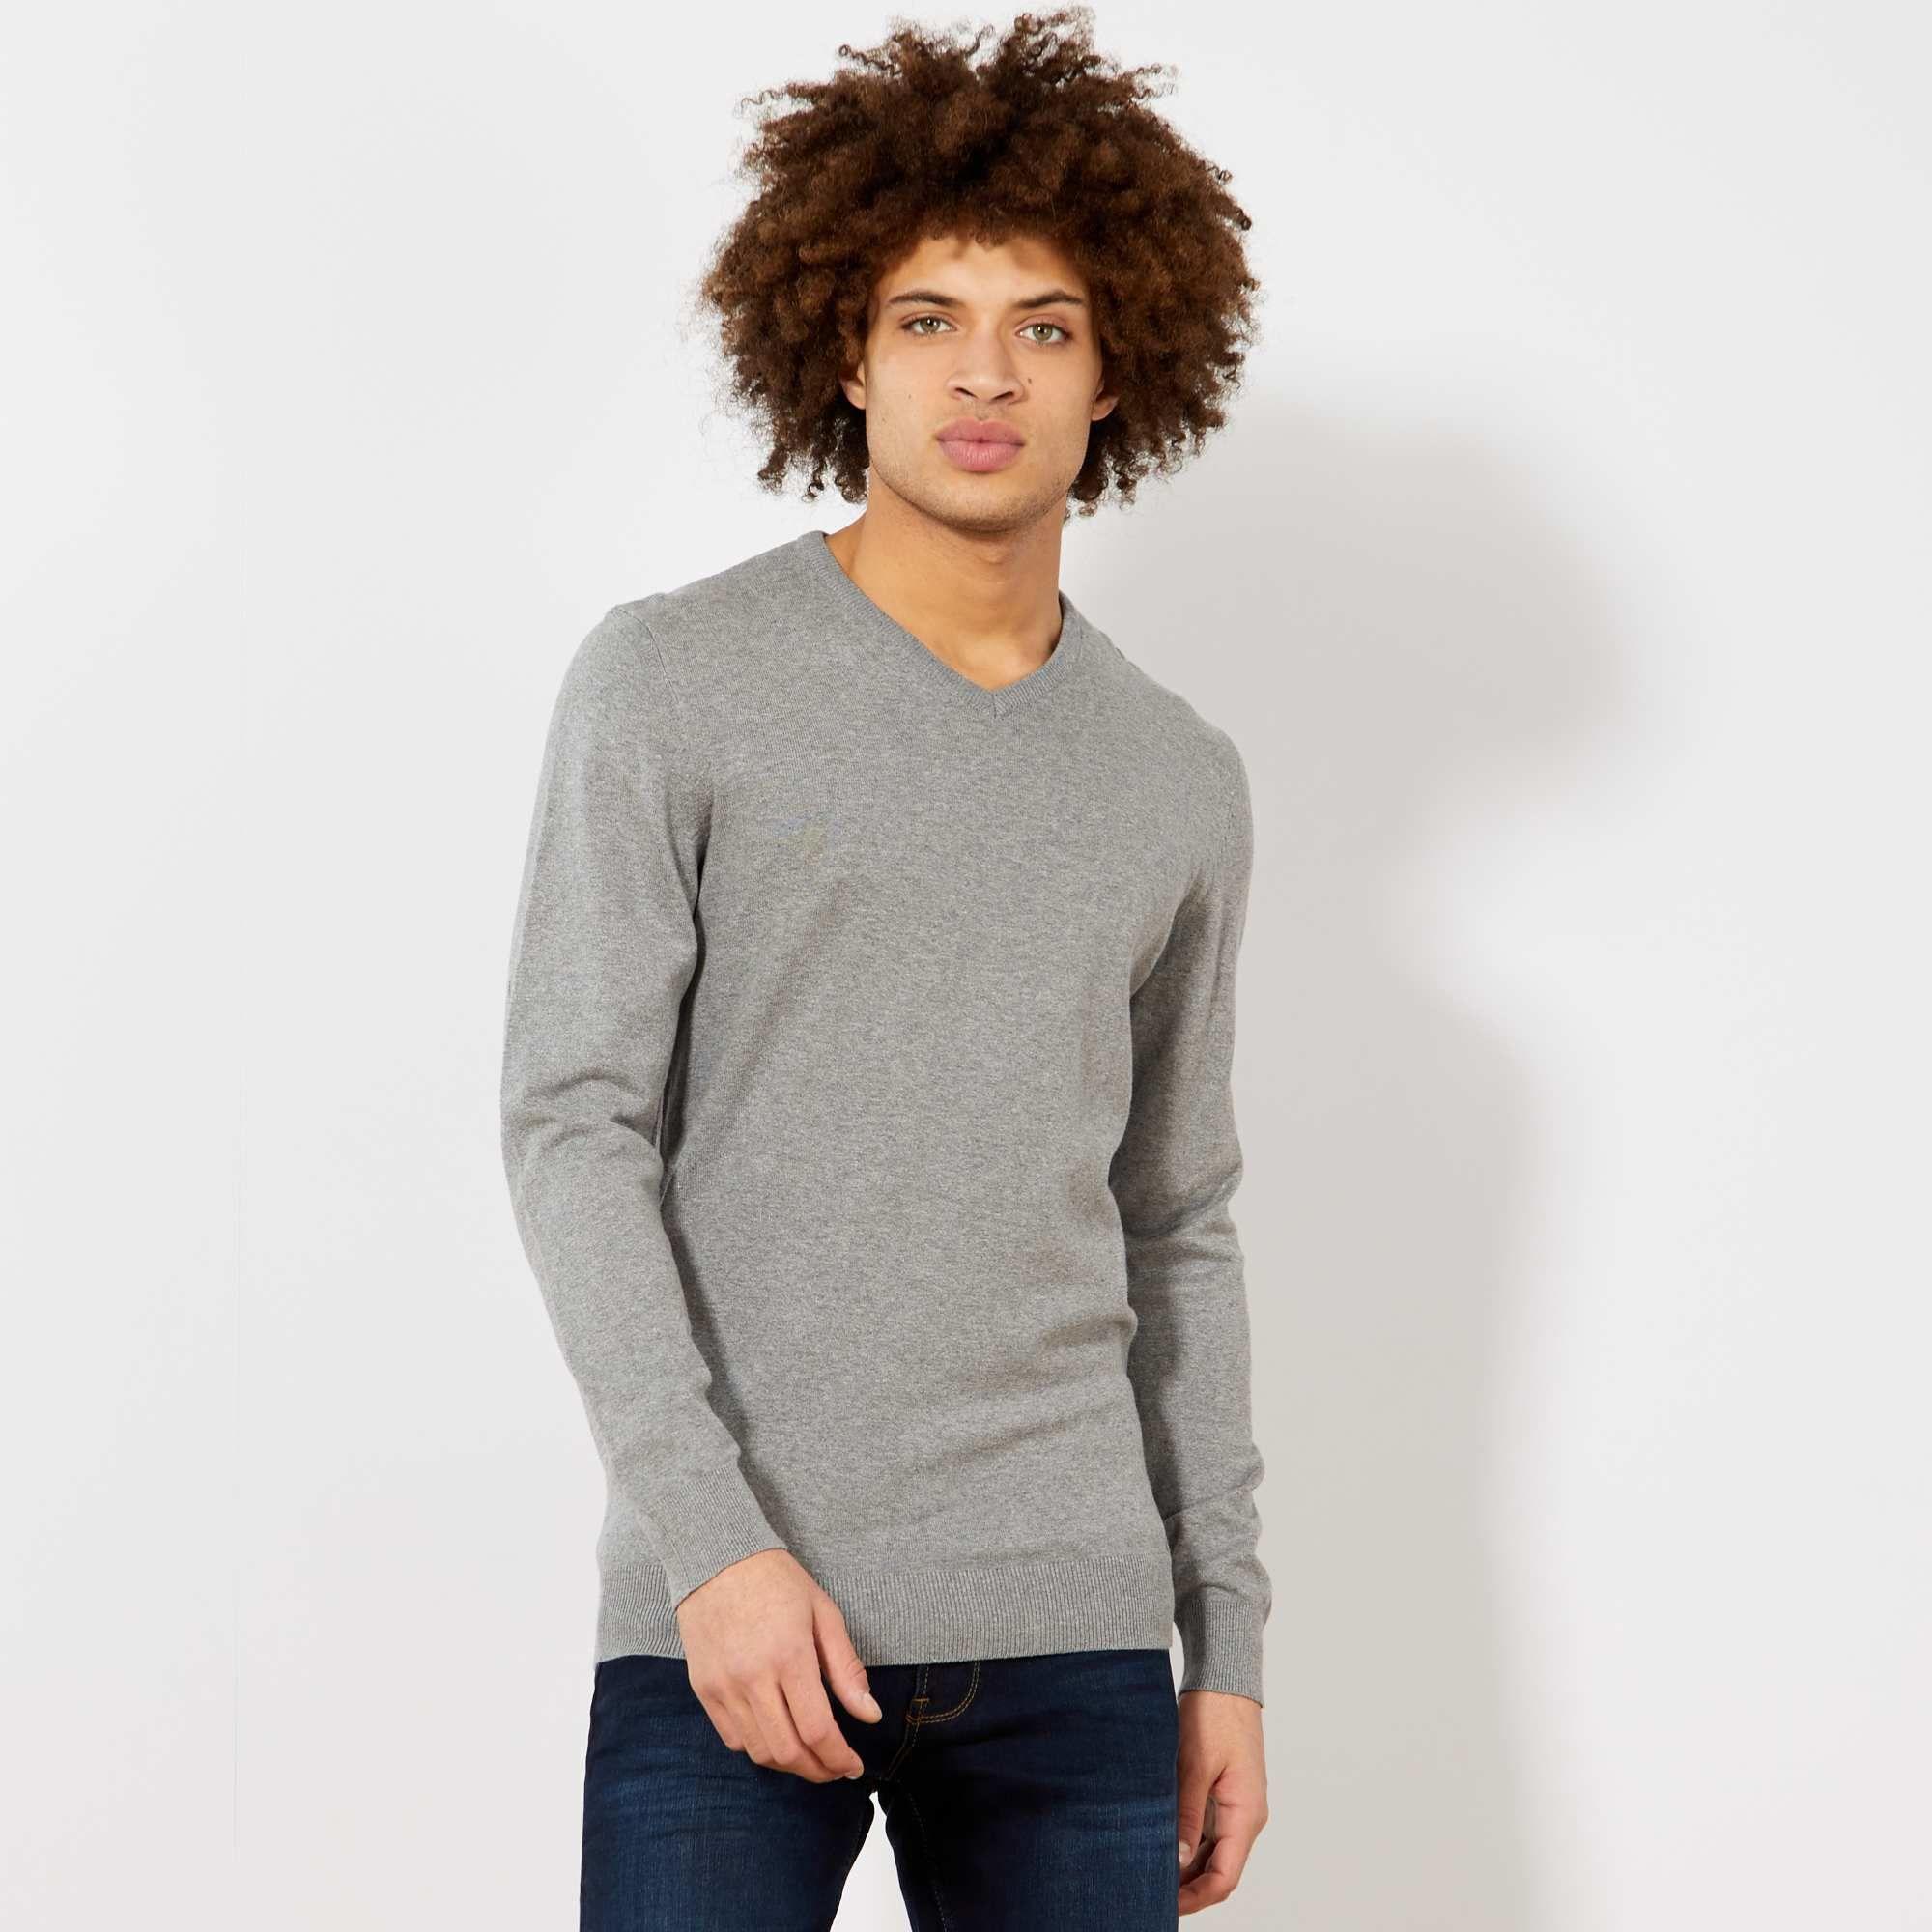 Jersey algodón cuello pico gris y negro tallas s y xs